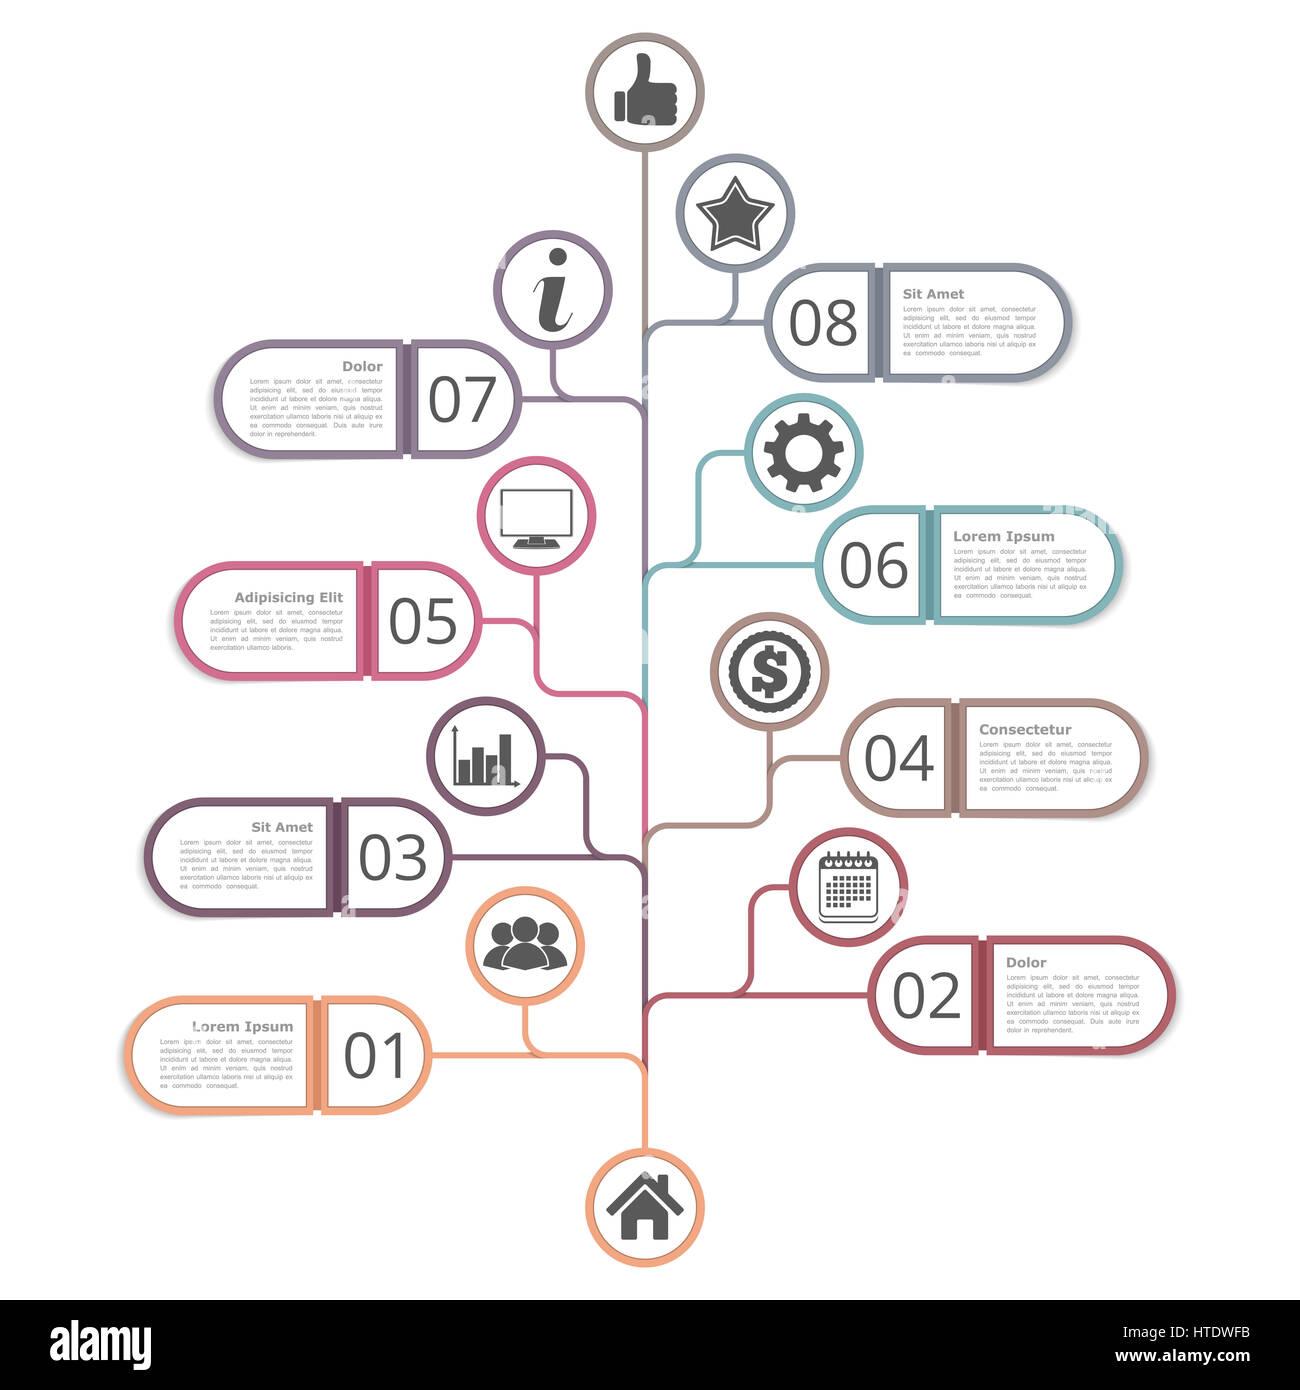 Tolle Genealogische Diagrammvorlage Ideen - Beispiel Wiederaufnahme ...